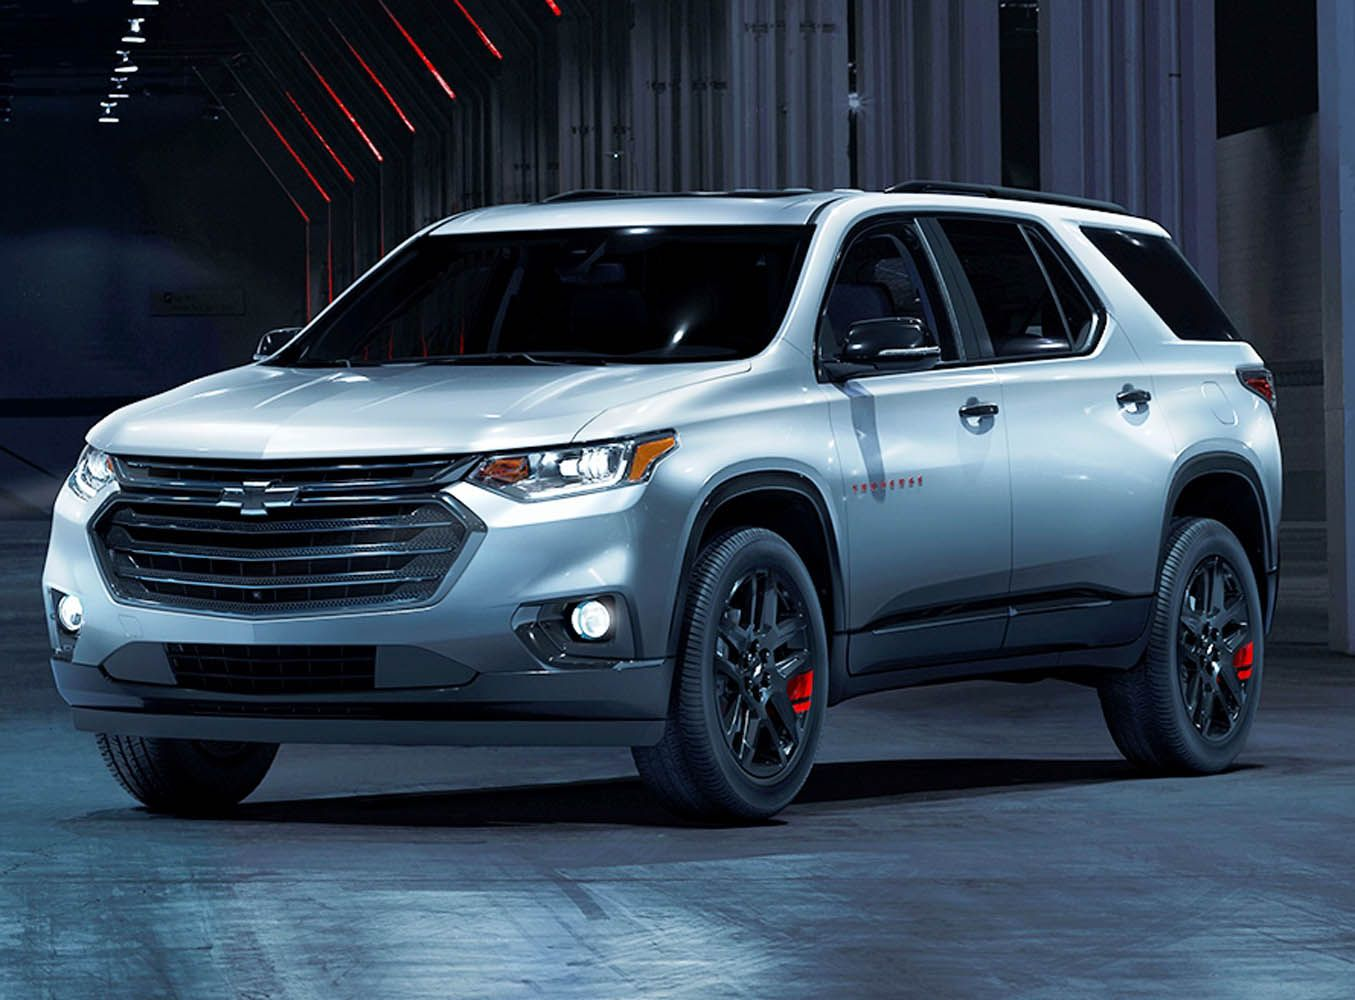 شفروليه ترافرس 2018 أسرار القوة السلسة موقع ويلز Chevrolet Chevrolet Traverse Fuel Economy